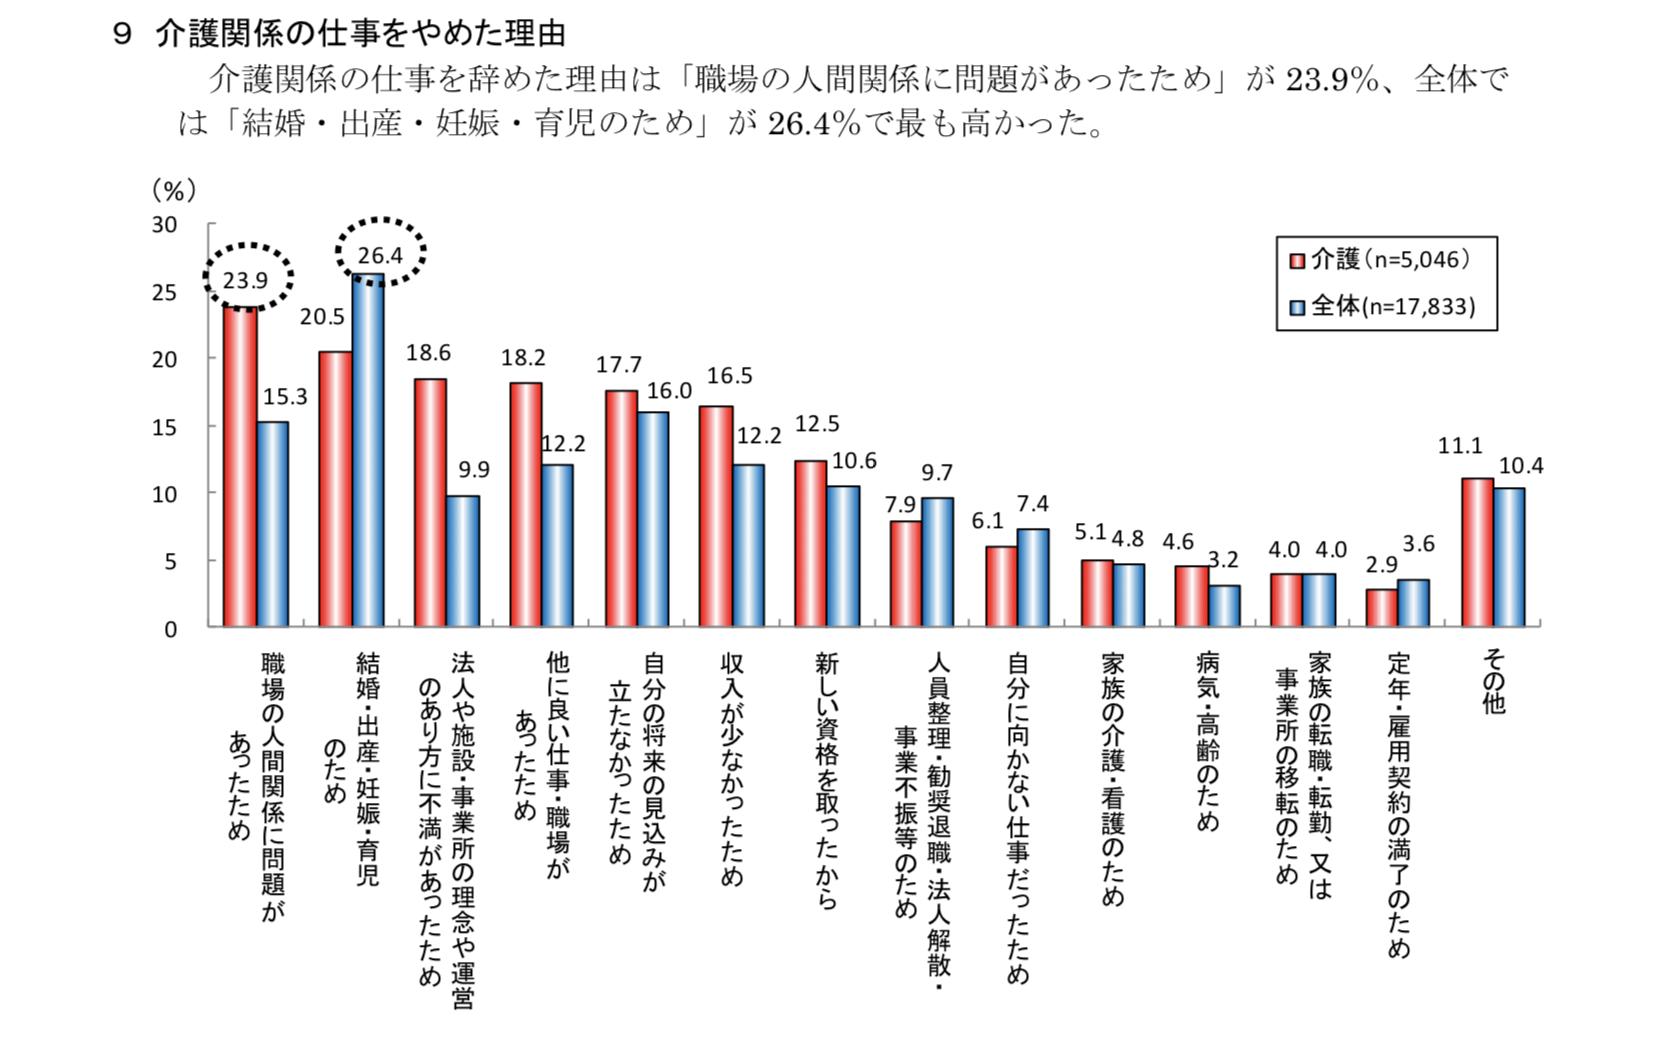 平成28年度「介護労働実態調査」の結果